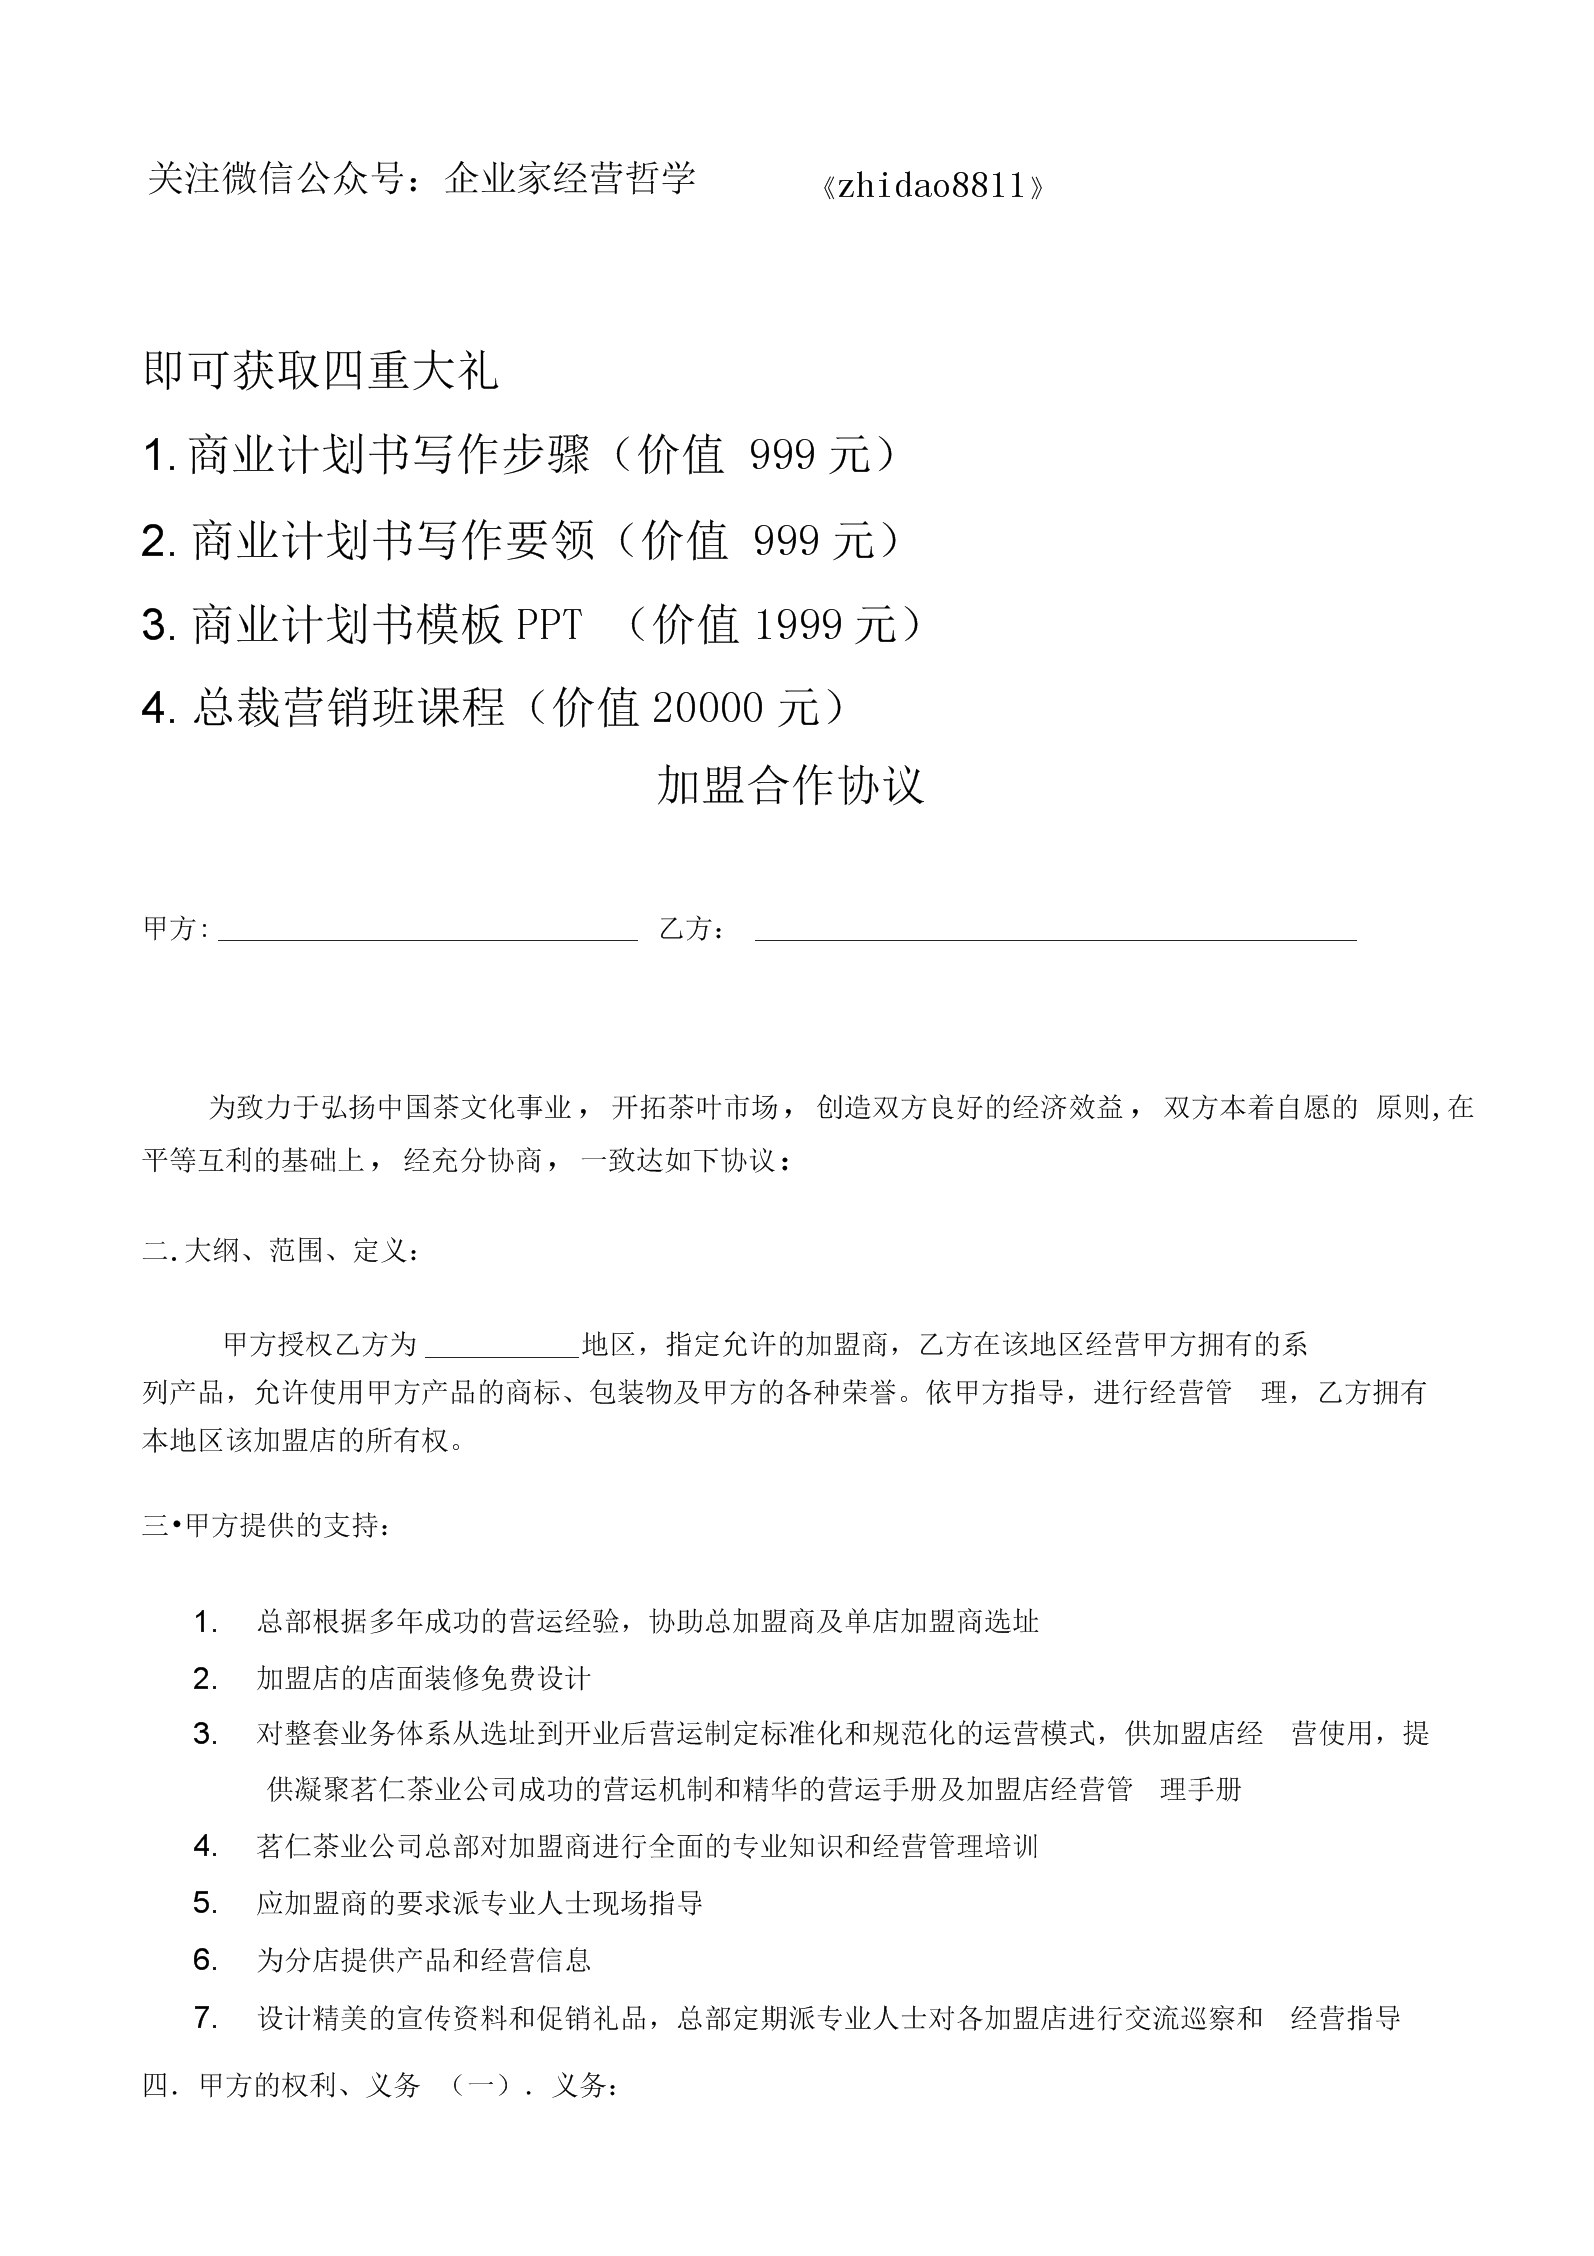 推荐-加盟合作协议.docx